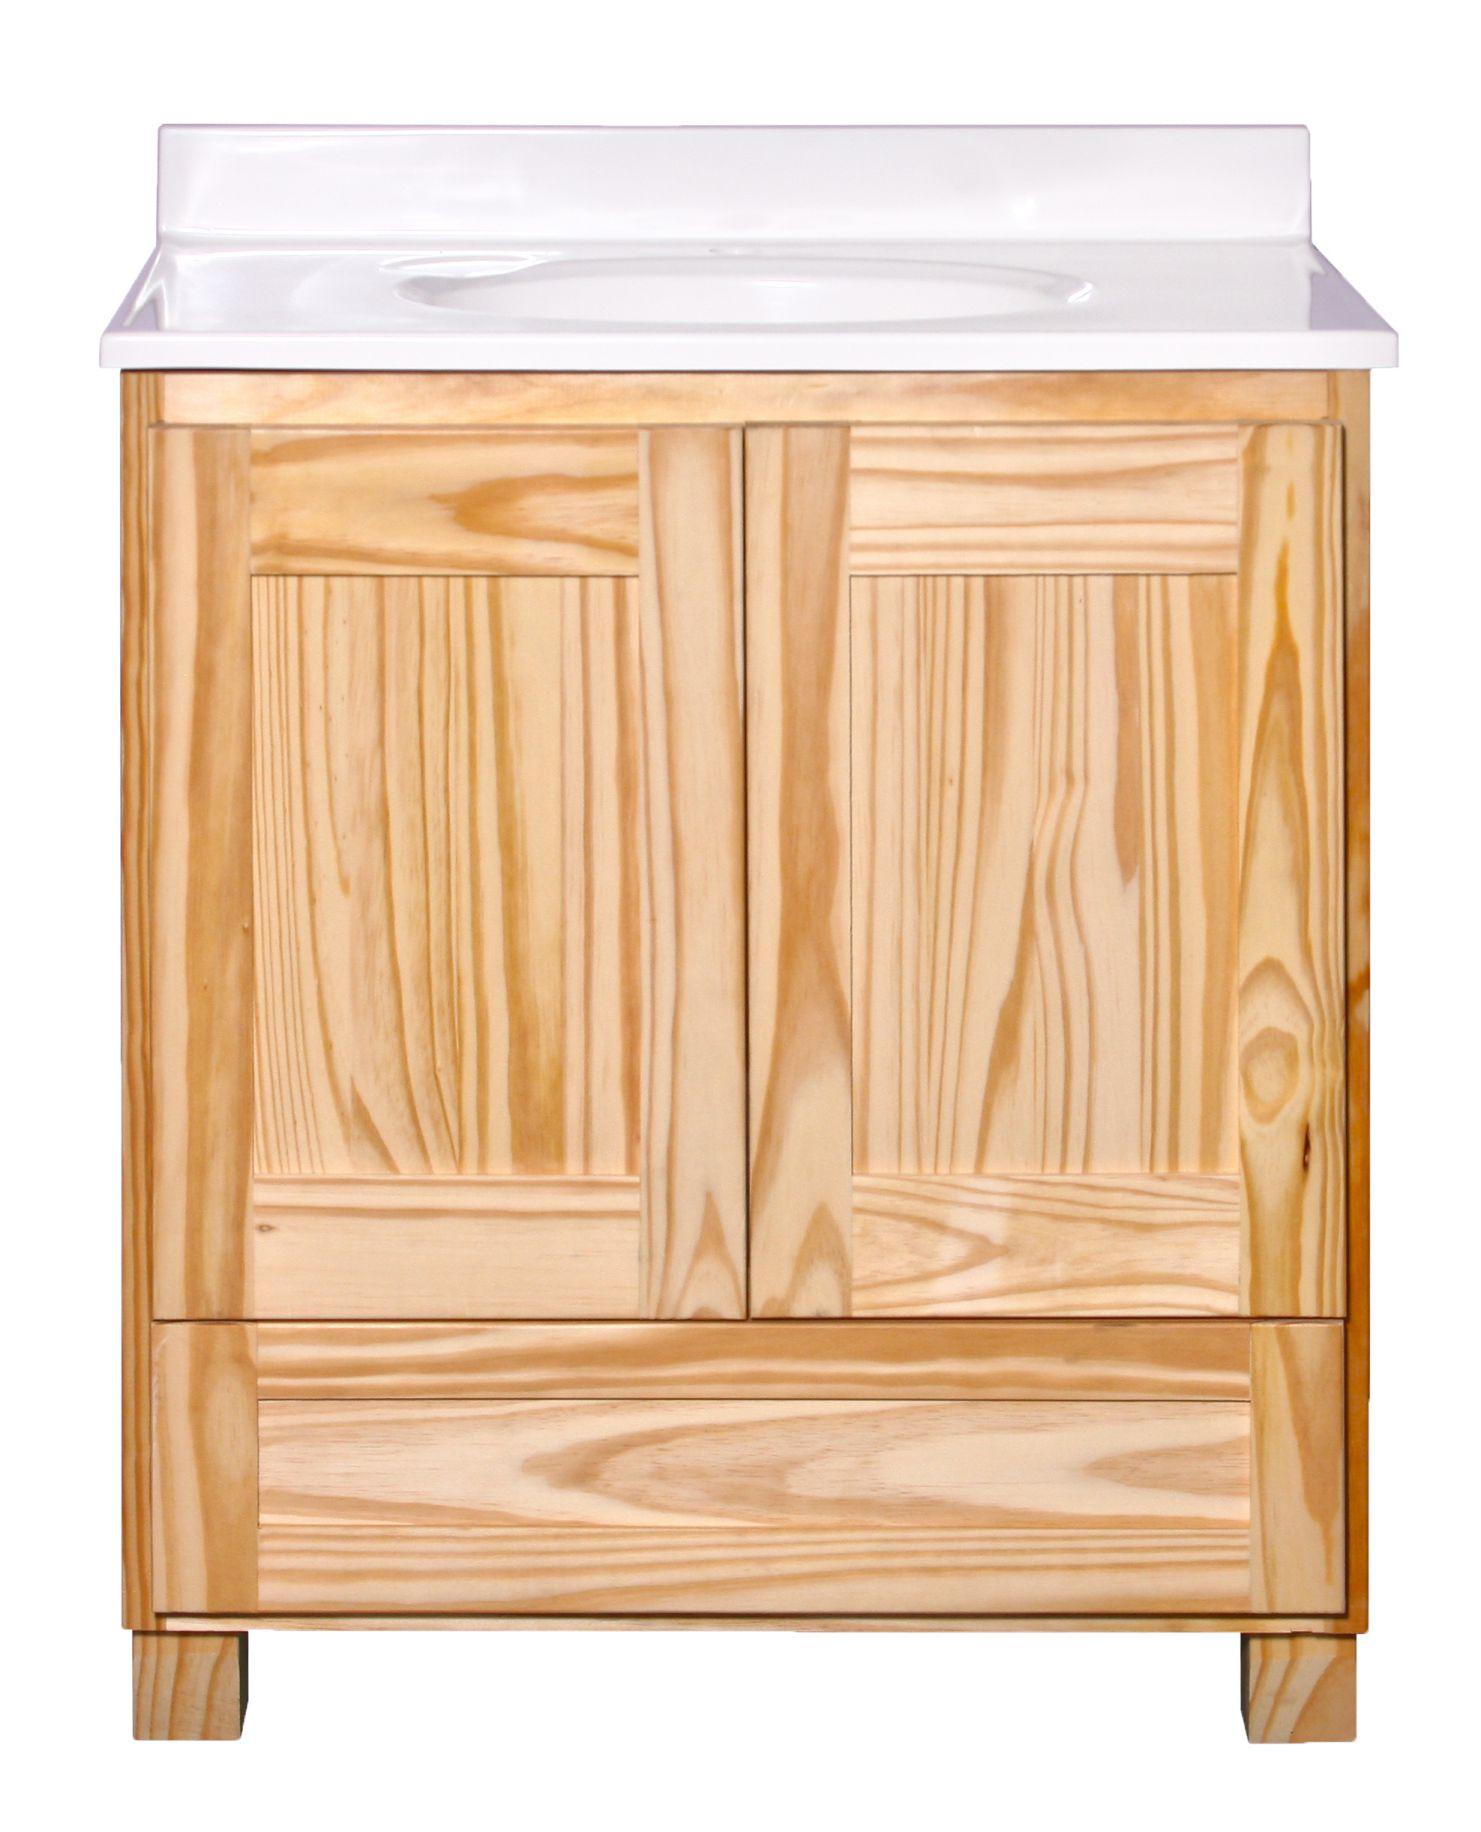 Ready To Go Wooden Bathroom Vanities 30 Quot Betahomes In